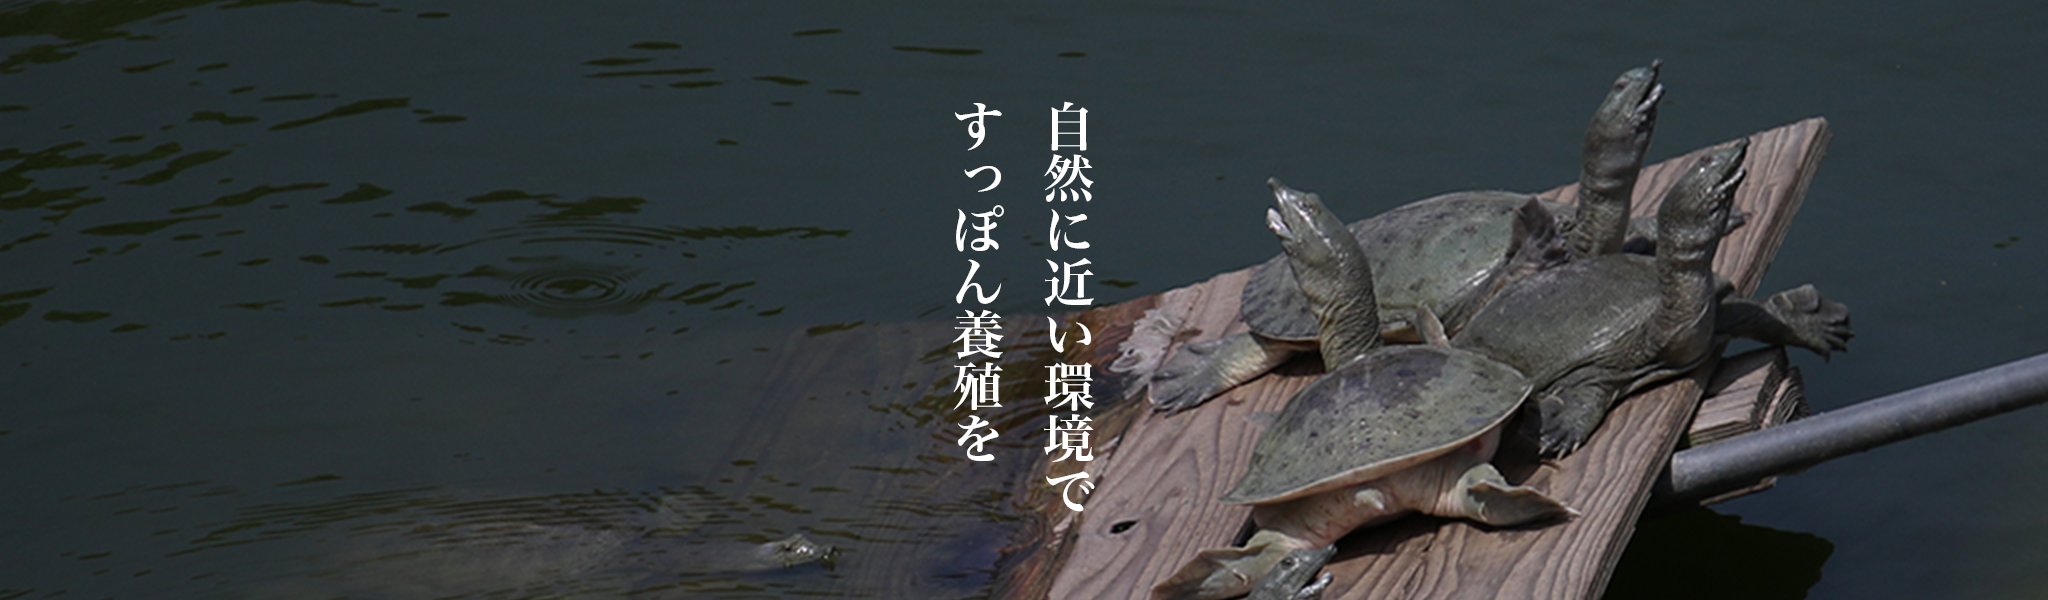 nagasaki-supponn